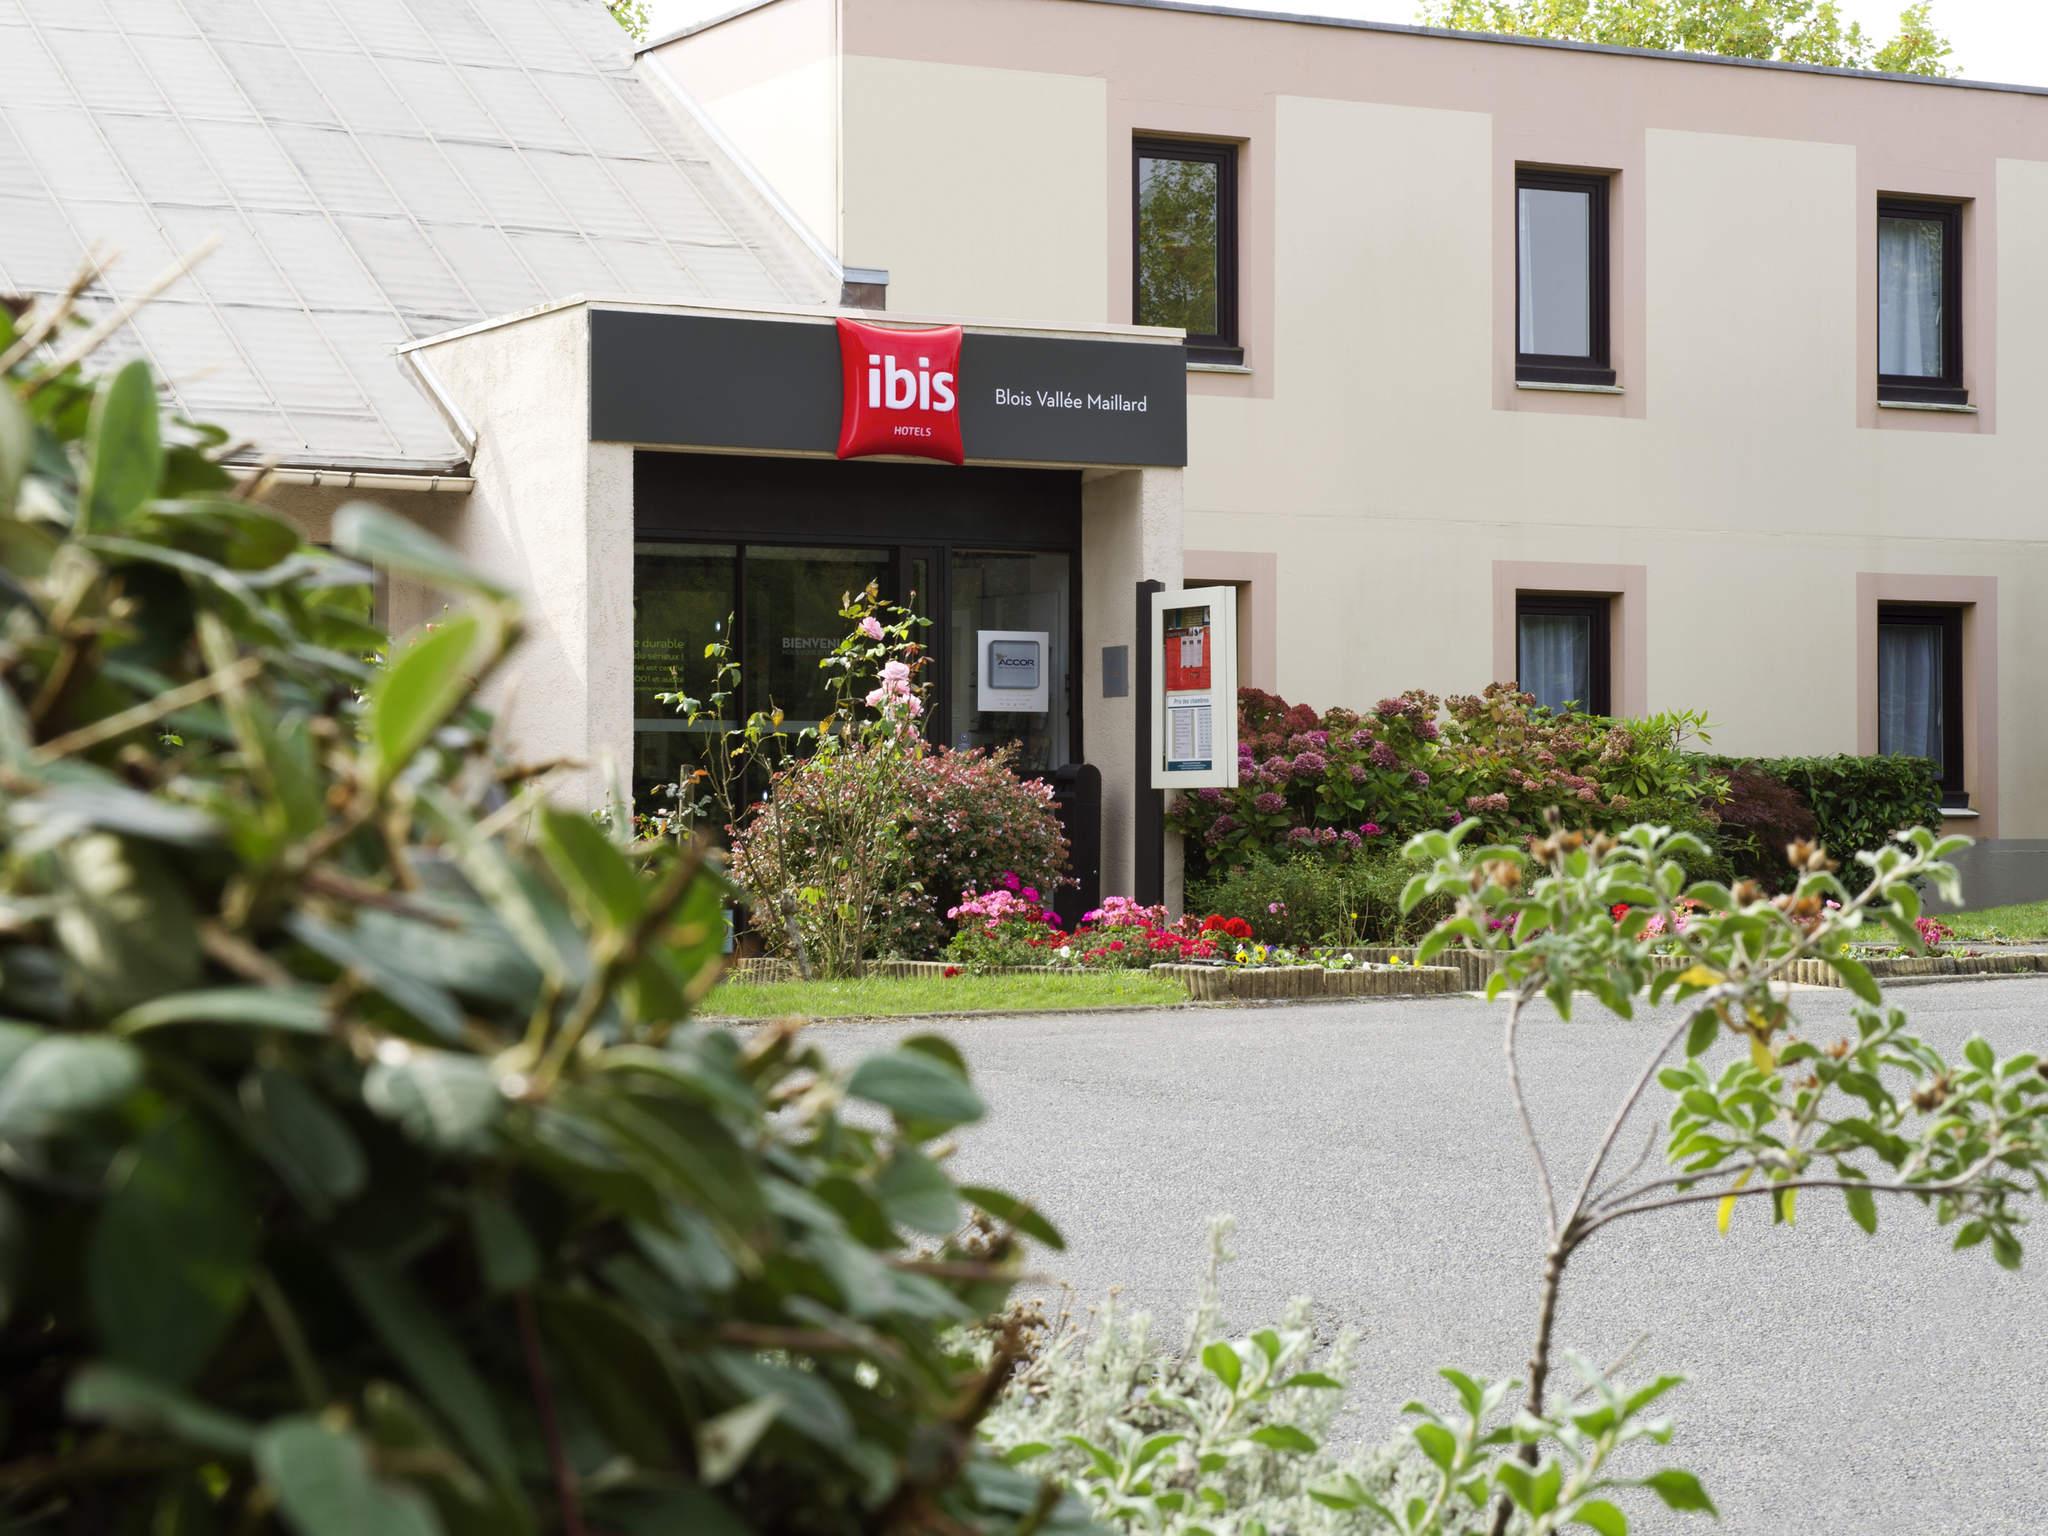 Hotel - ibis Blois Vallée Maillard